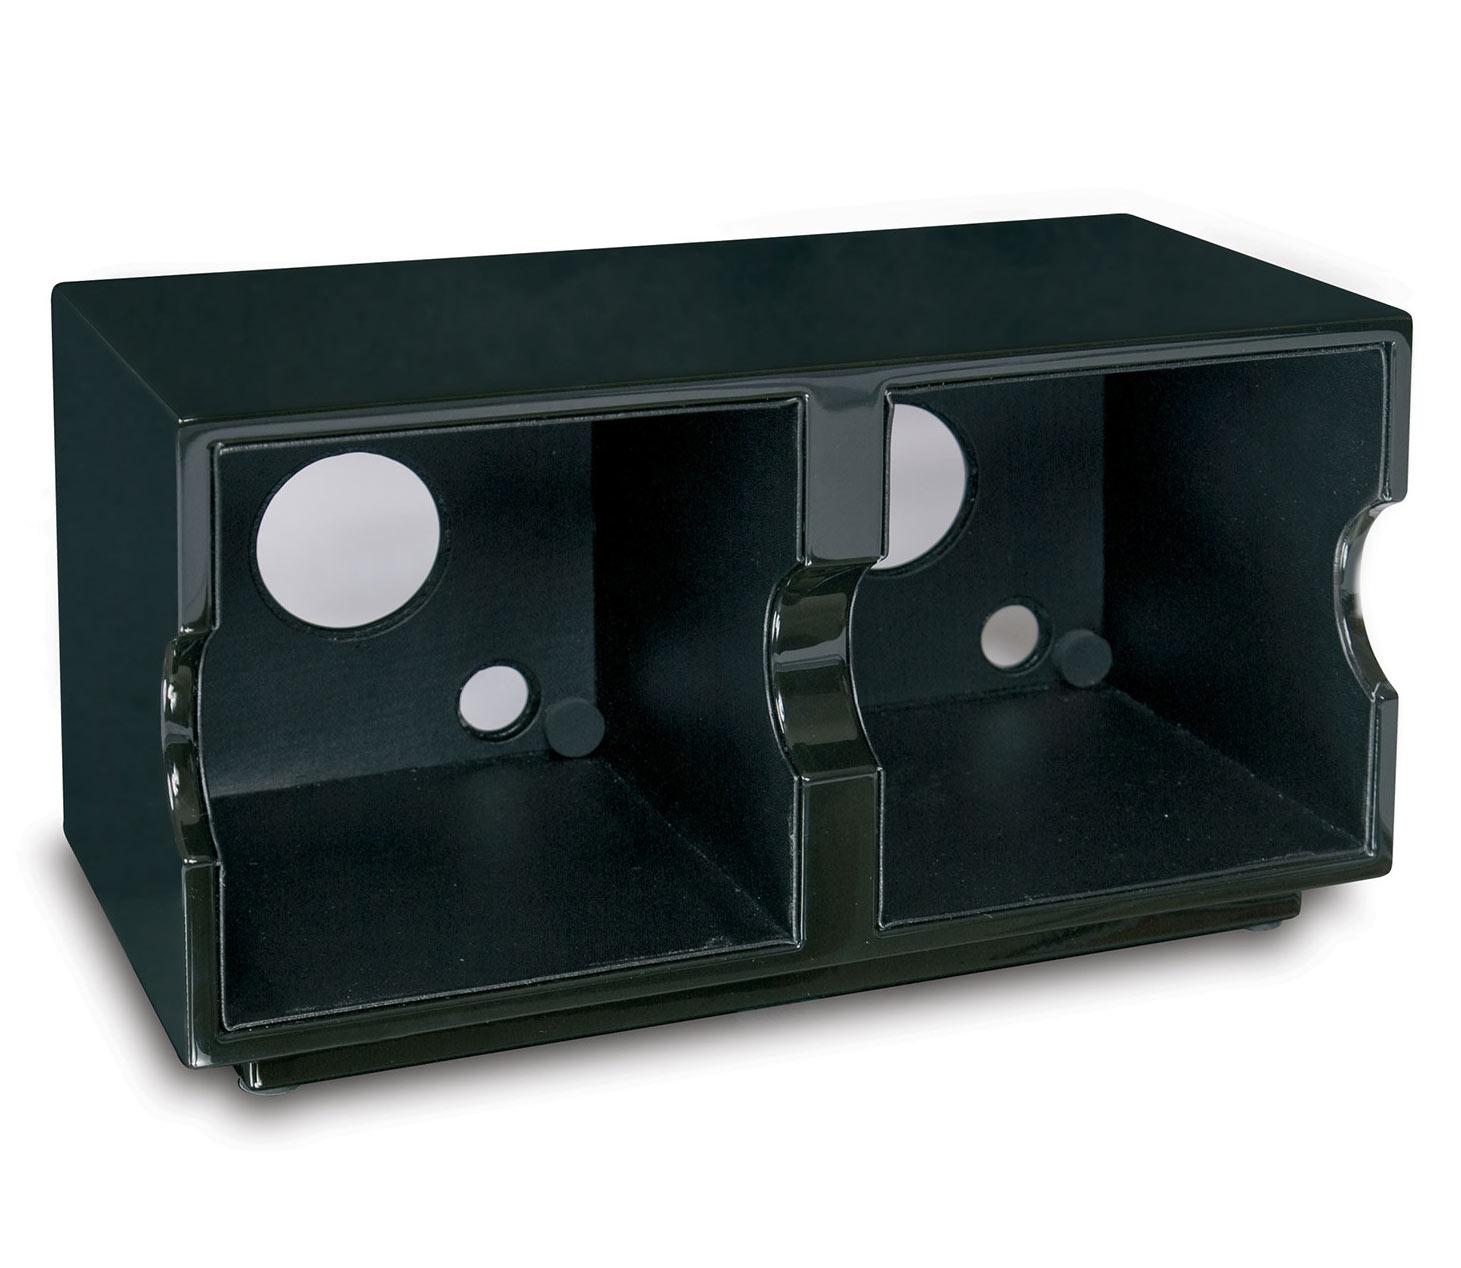 FRO2 Двухместная база EVO Double BOX от Rapport. В базе возможно разместить до 2 модулей EVO любого цвета, что позволяет модулям работать от одного адаптера. Выполнена из дерева, покрыта черным глянцевым лаком